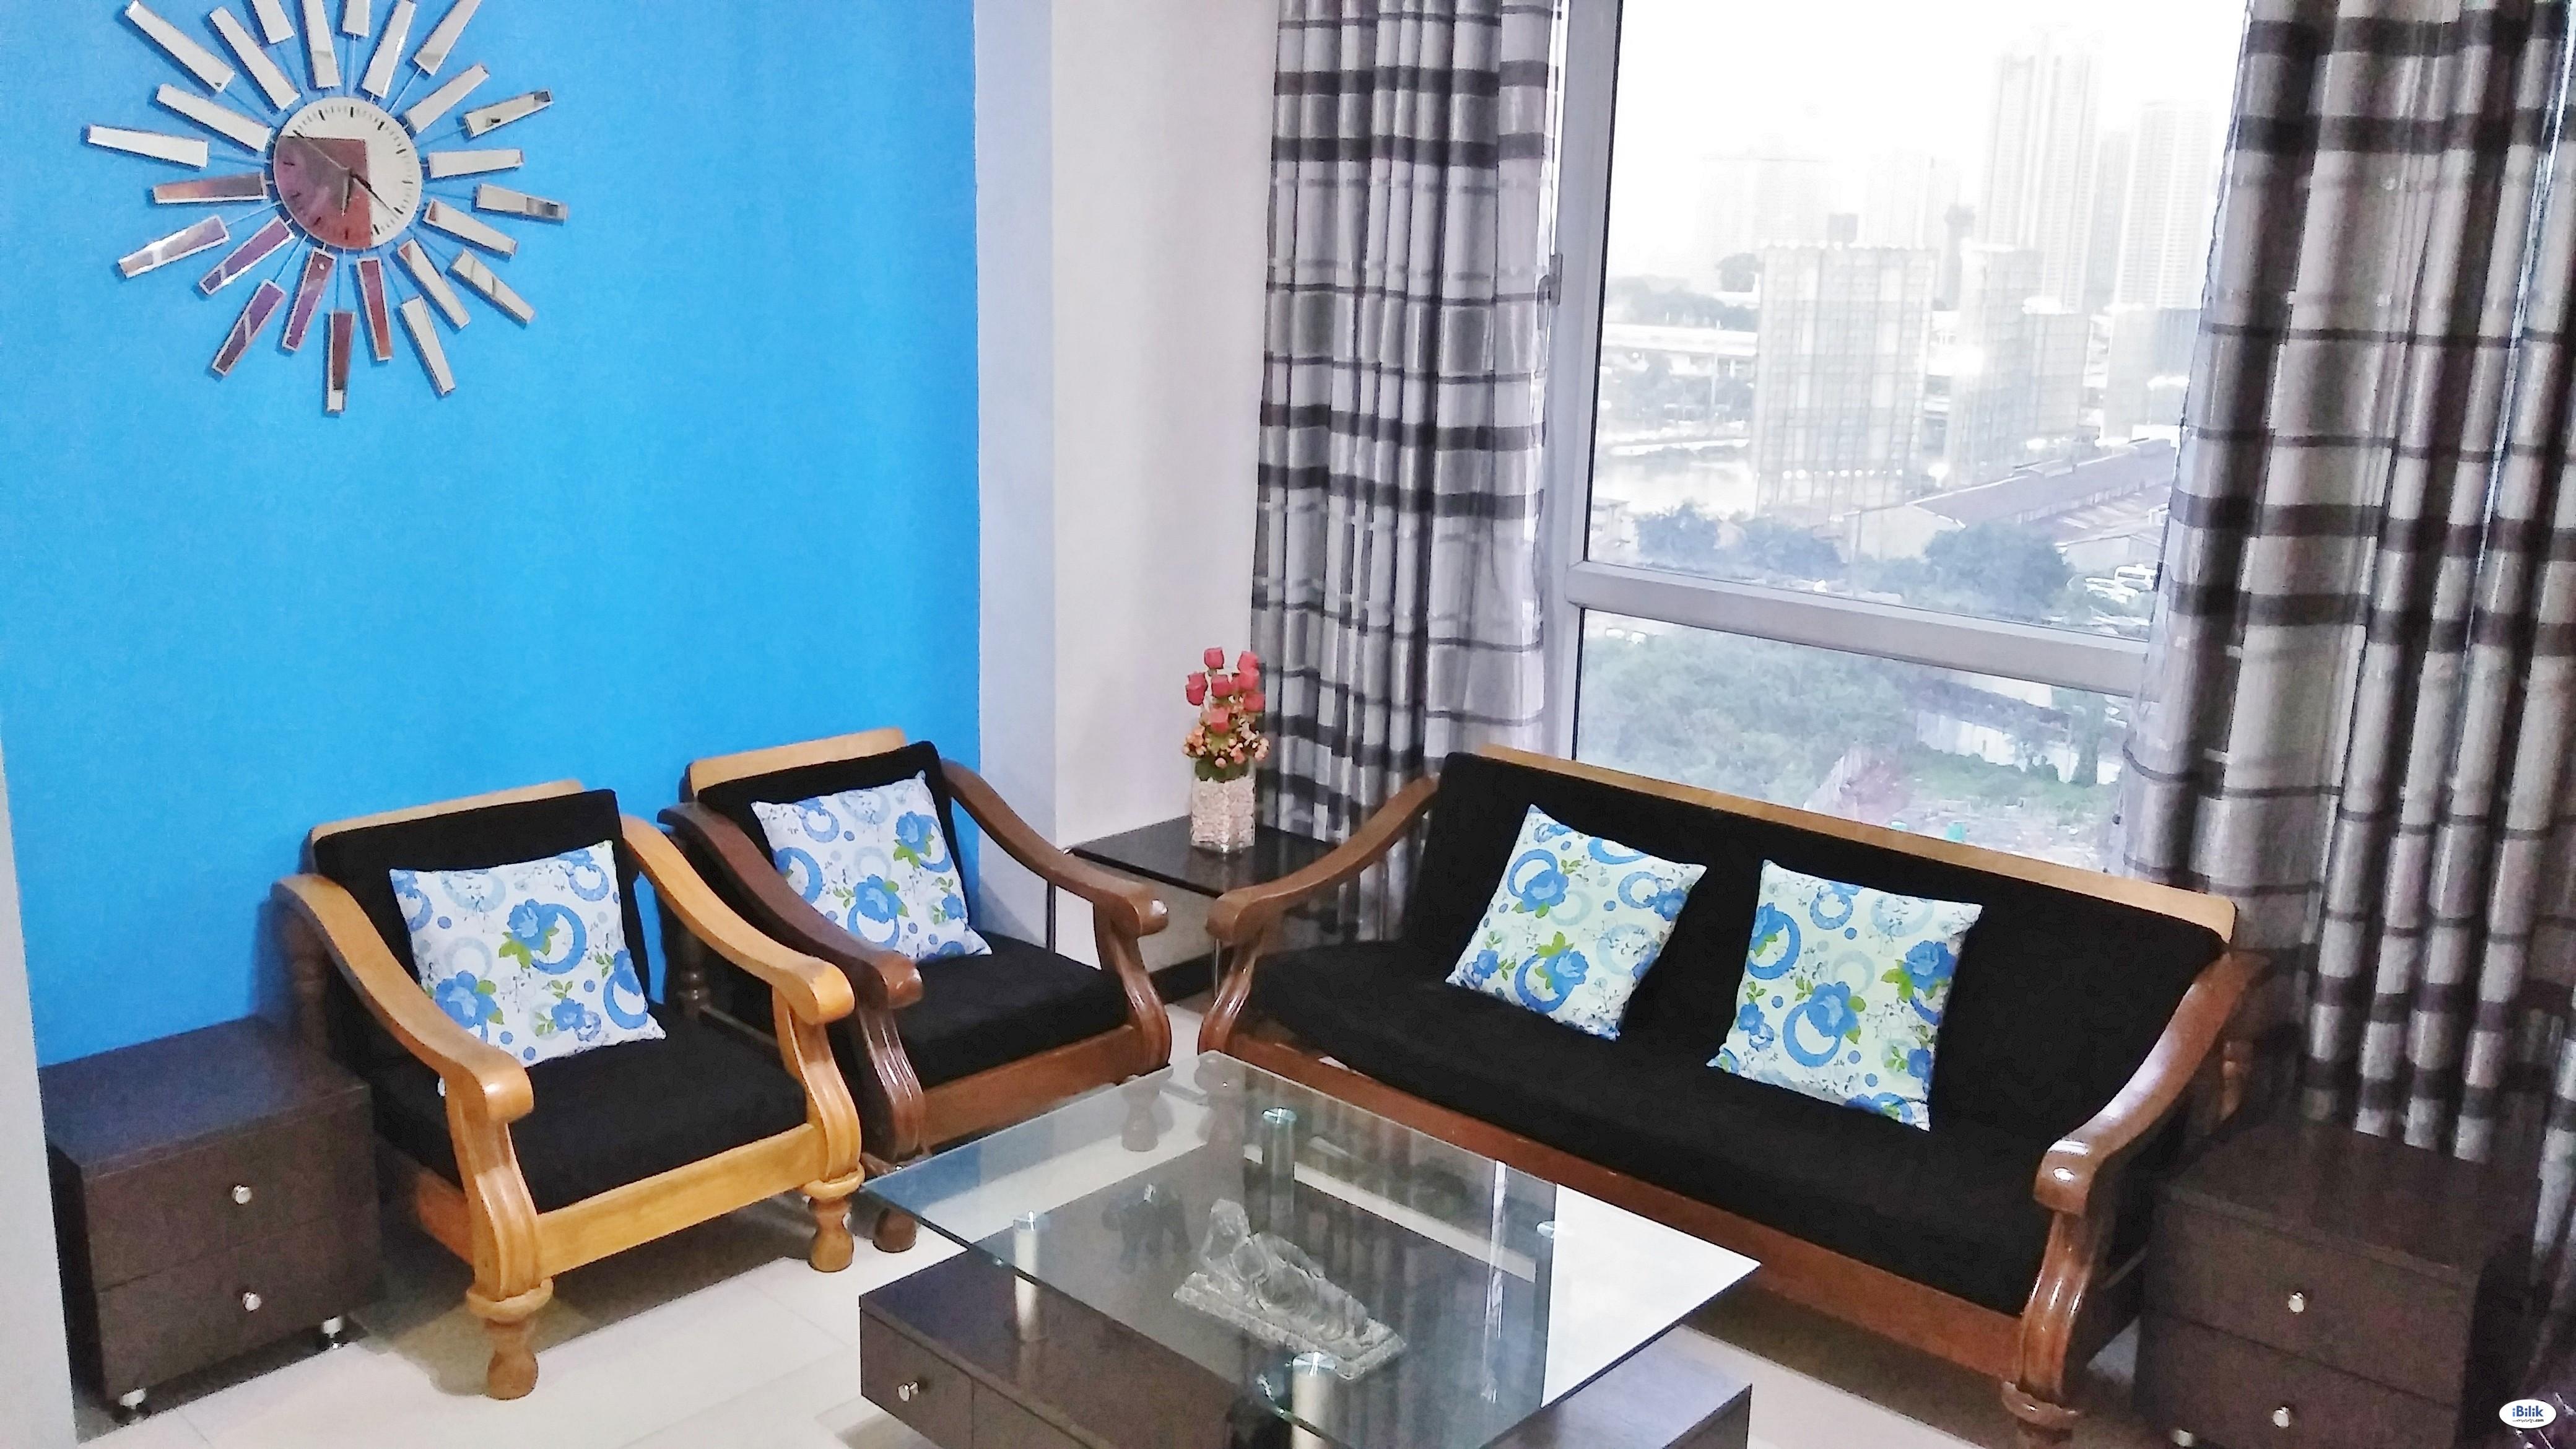 Single Room at Mandaluyong, Metro Manila